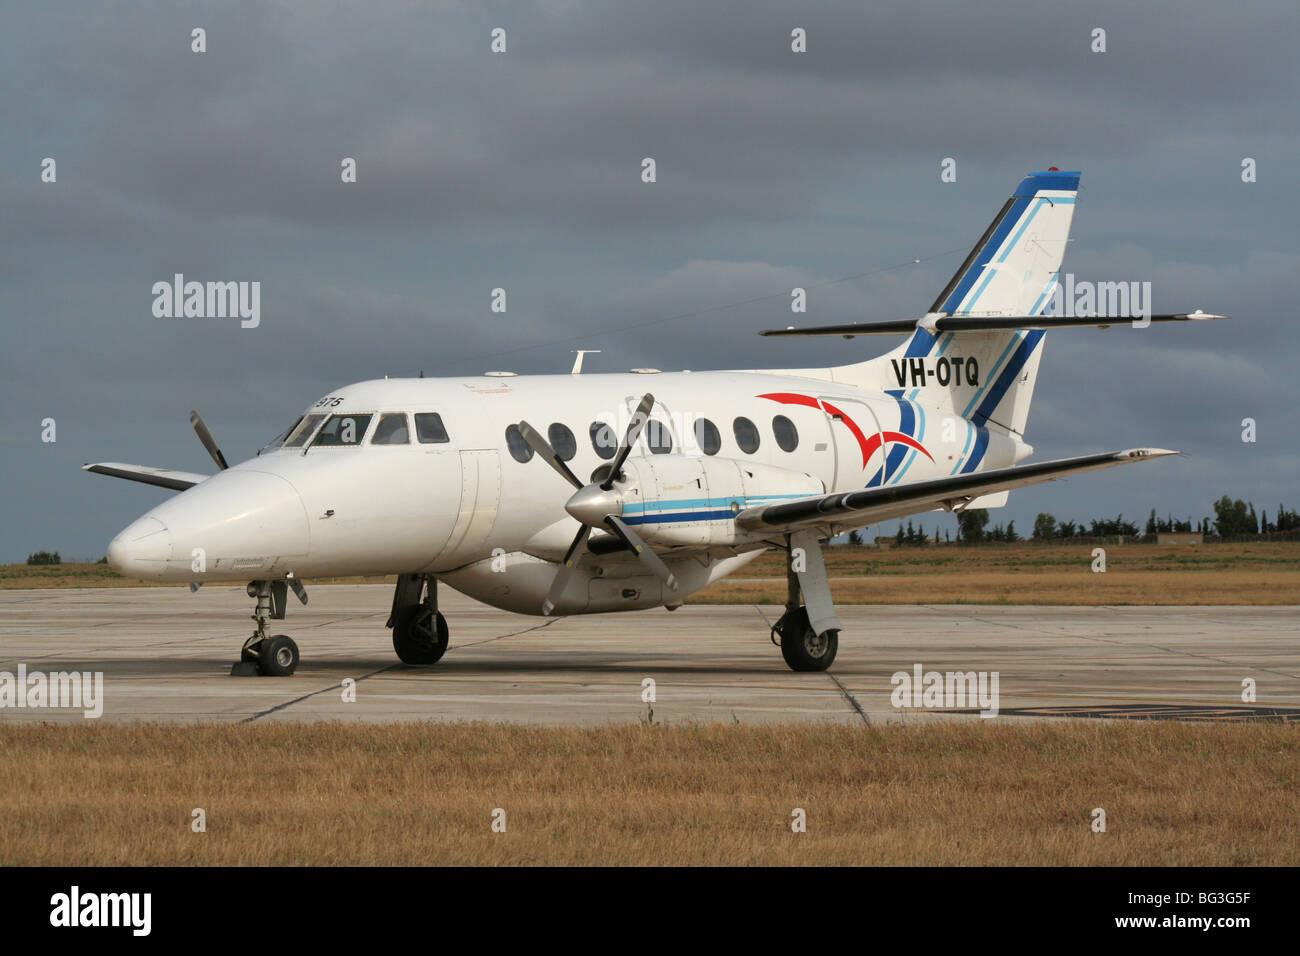 British Aerospace Jetstream 32 - Stock Image